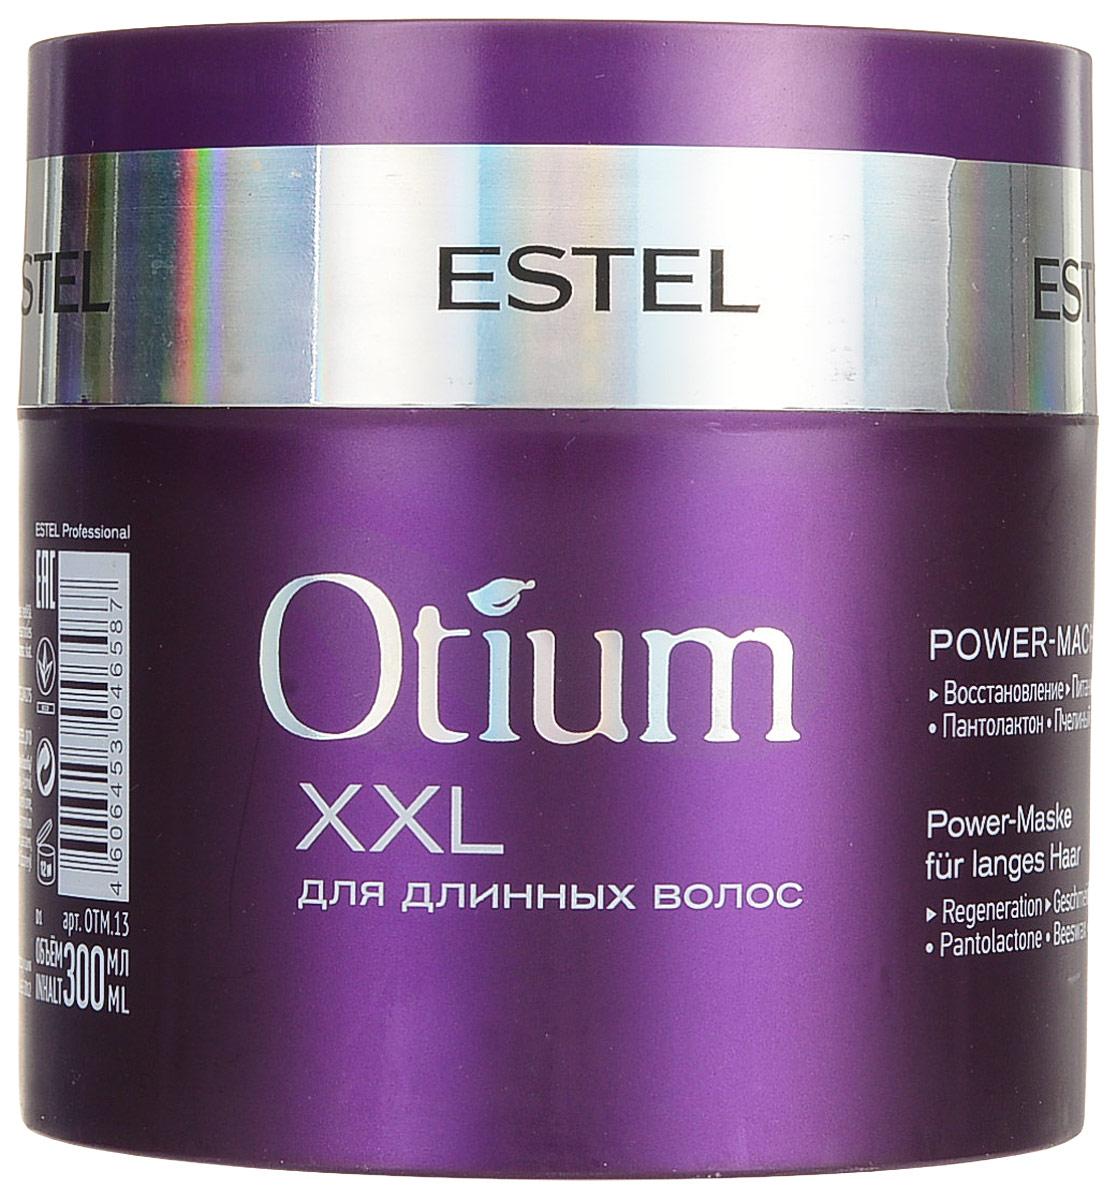 Estel Otium XXL Power-маска для длинных волос 300 млOTM.13Estel Otium XXL Power-маска для длинных волос 300 мл